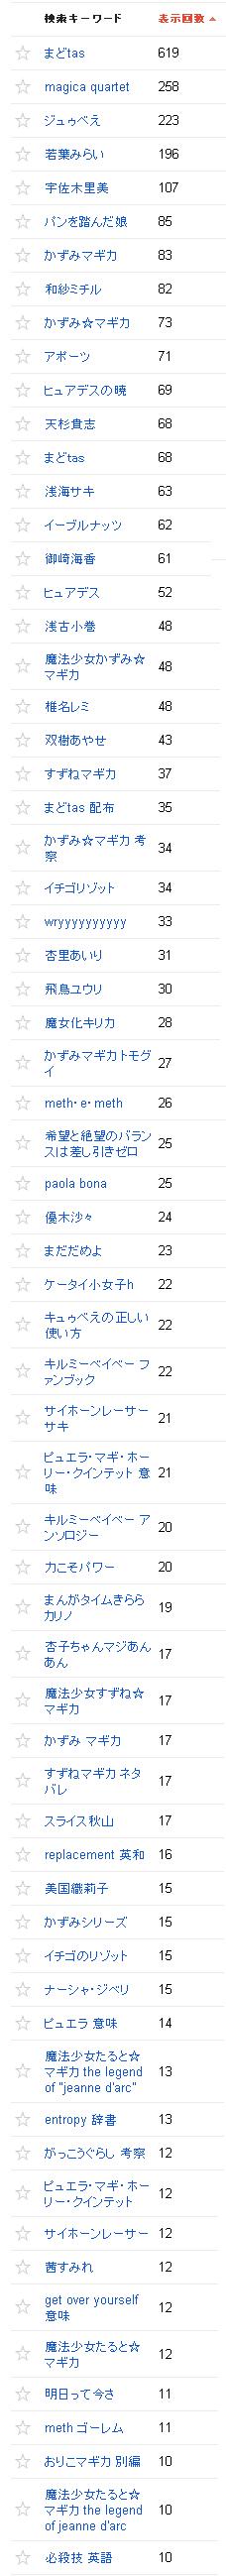 2014/06/02の検索クエリ一覧(ウェブマスターツール)の上位